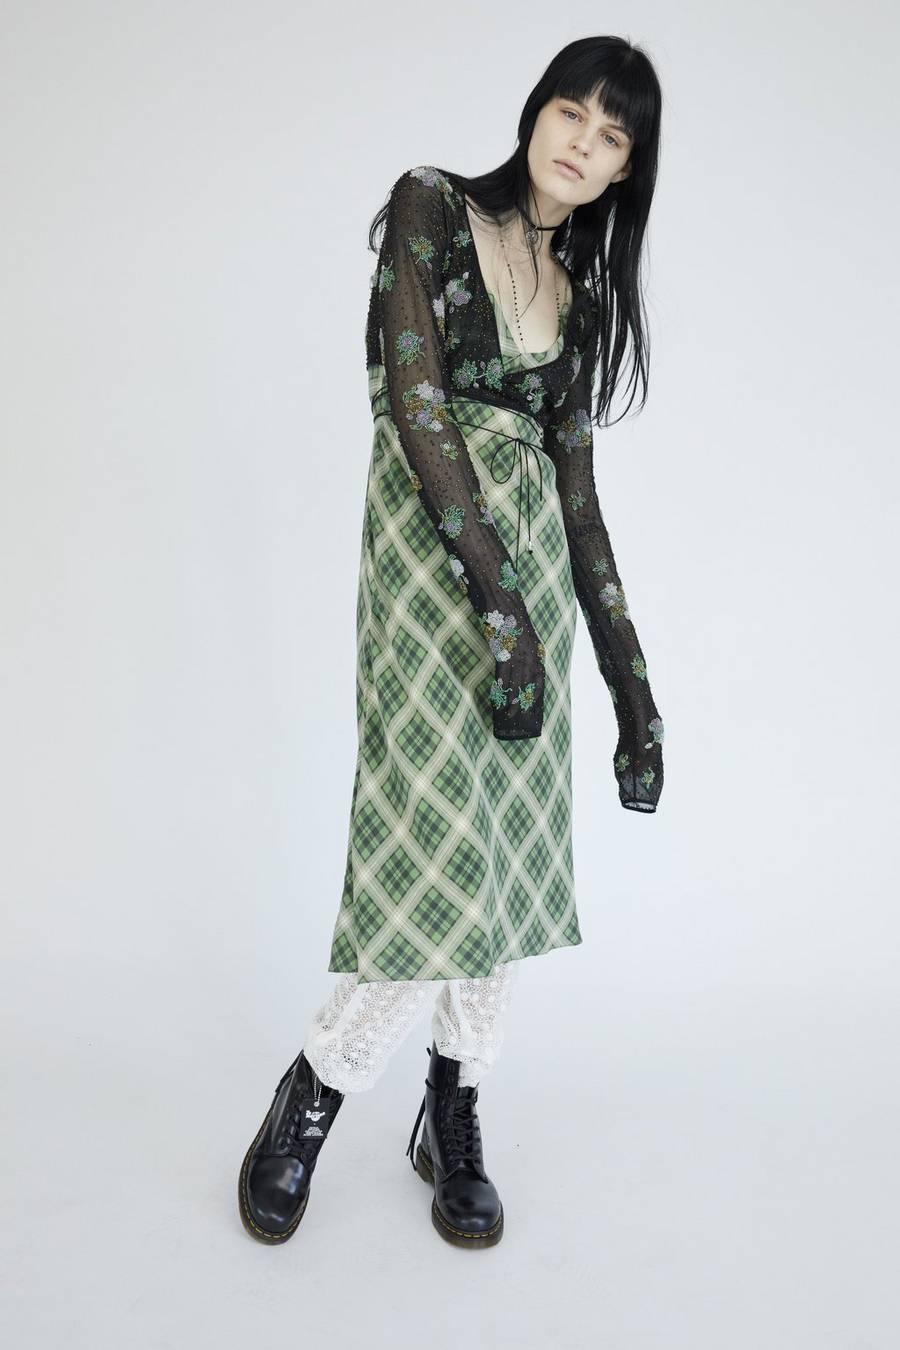 Marc Jacobs e la collezione Grunge che Kurt Cobain e Courtney Love avevano bruciato | Collater.al 11